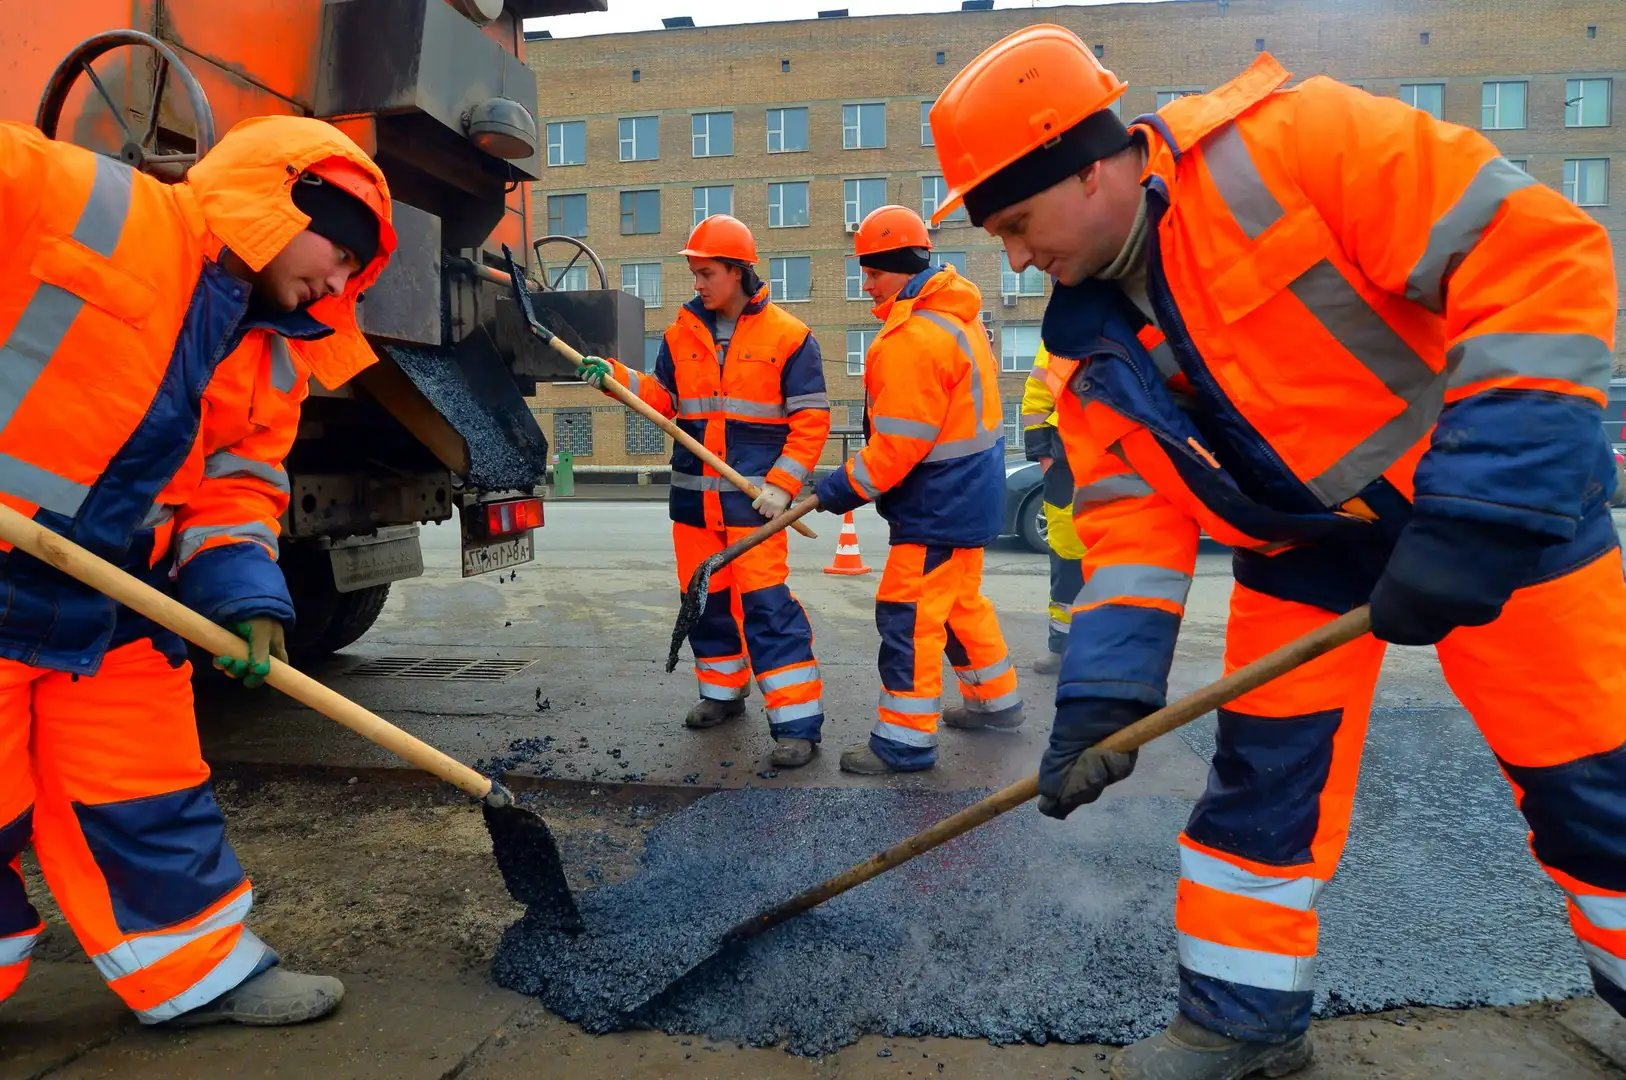 моде дорожный рабочий картинки нашем